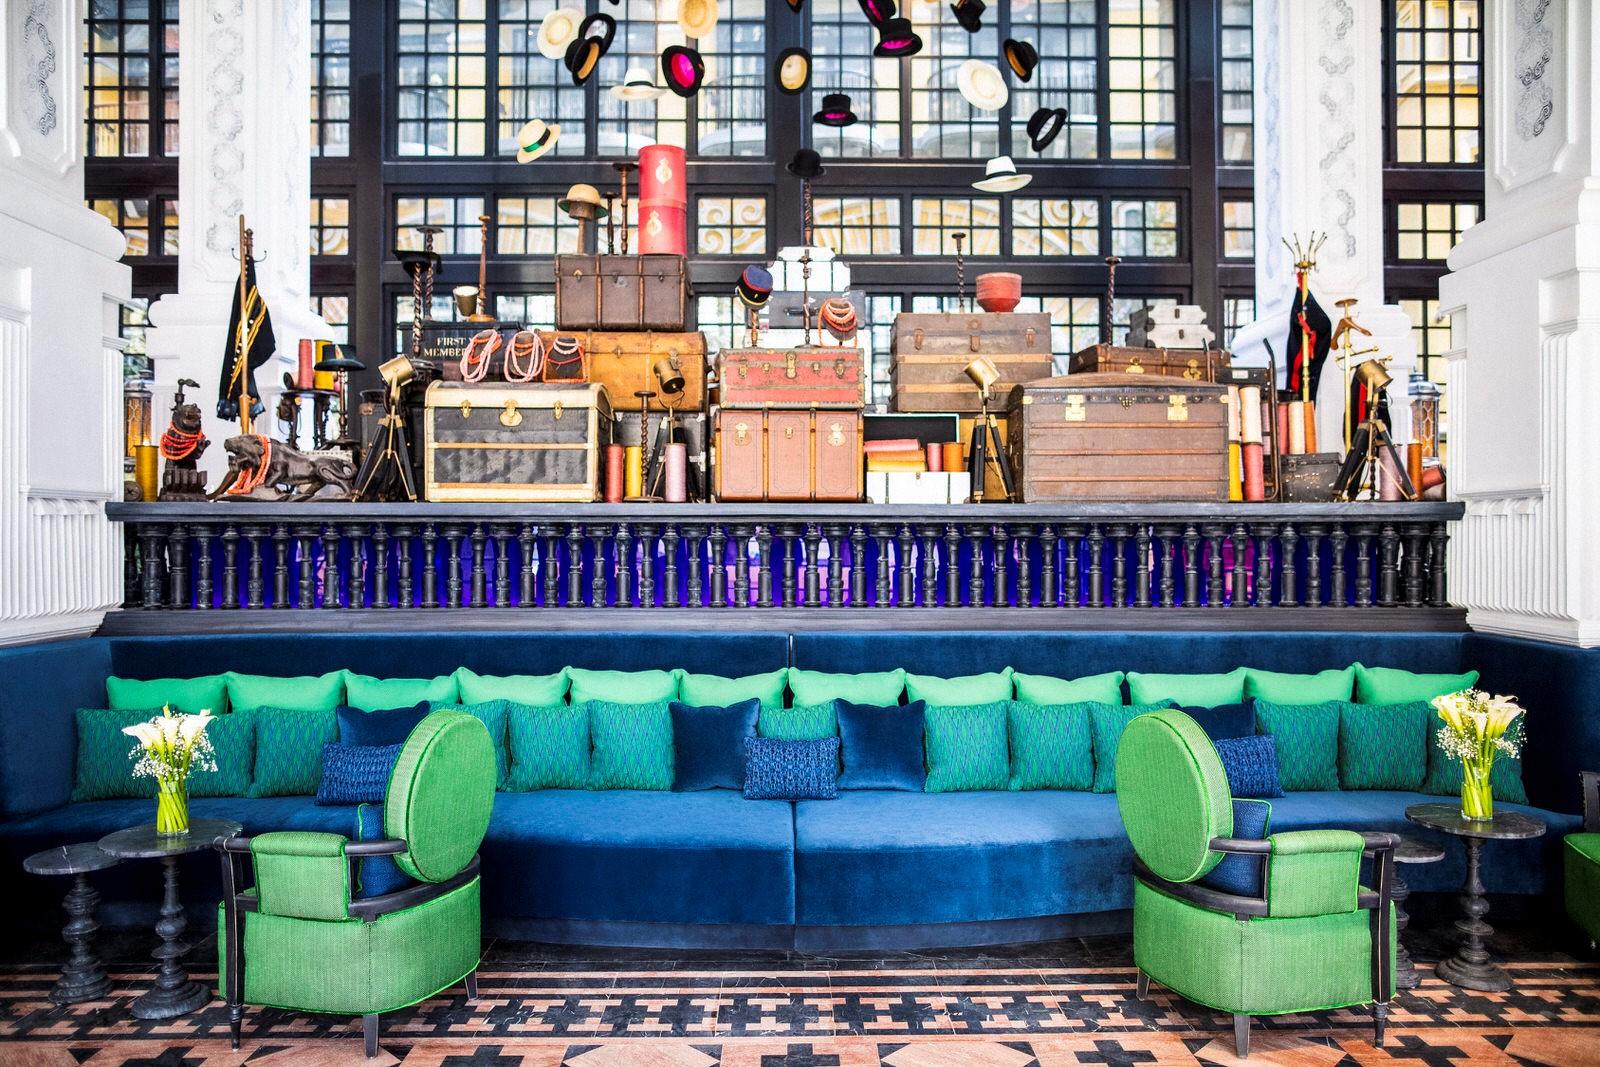 Được thiết kế bởi top 5 kiến trúc sư lừng danh thế giới Bill Bensley và vận hành bởi tập đoàn Accor danh tiếng, Hotel De la Coupole, MGallery